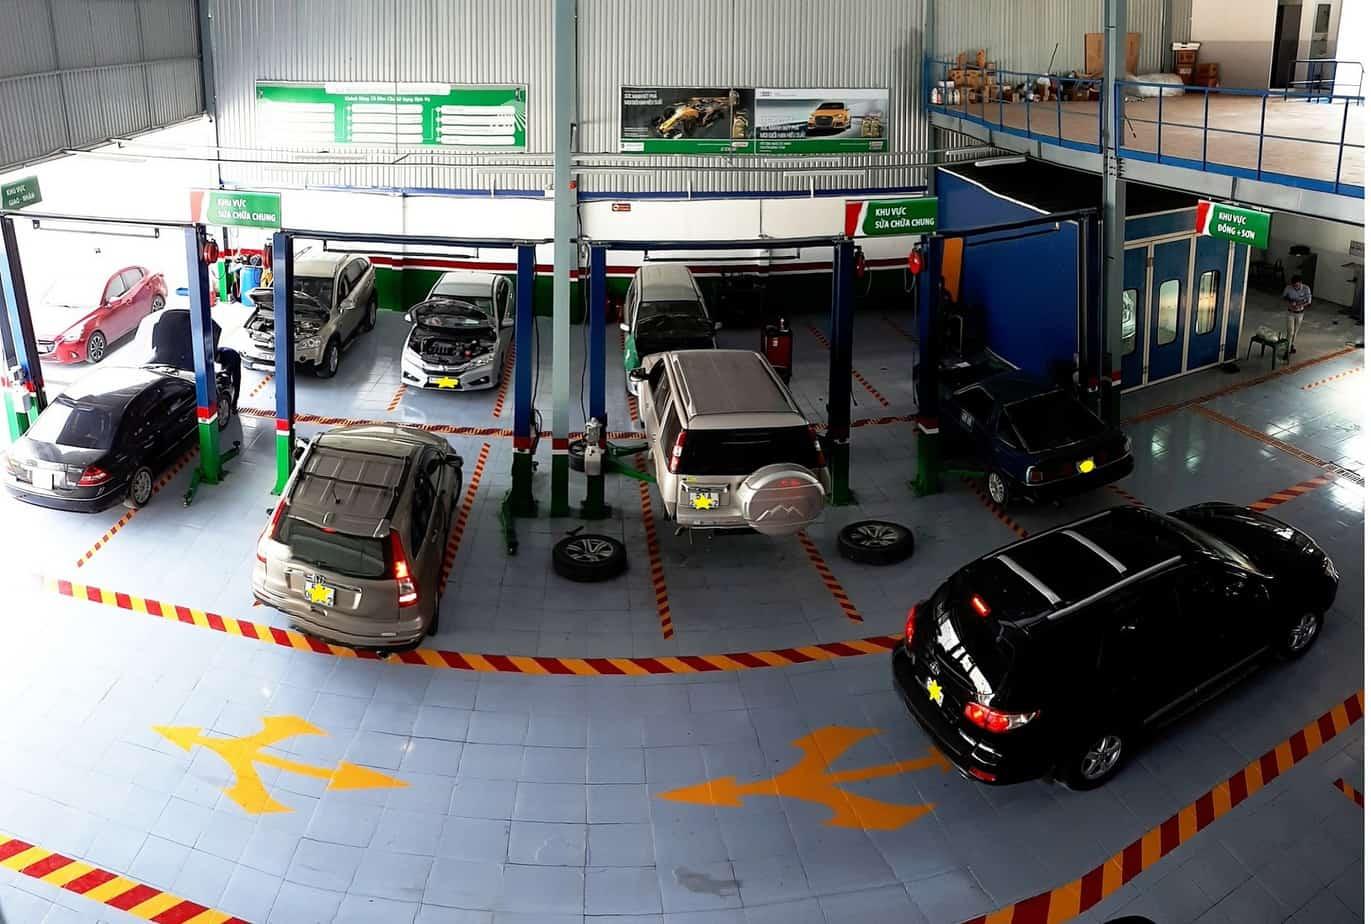 Nên chọn trung tâm sửa chữa, bảo dưỡng xe ôtô Hummer có nhiều năm kinh nghiệm